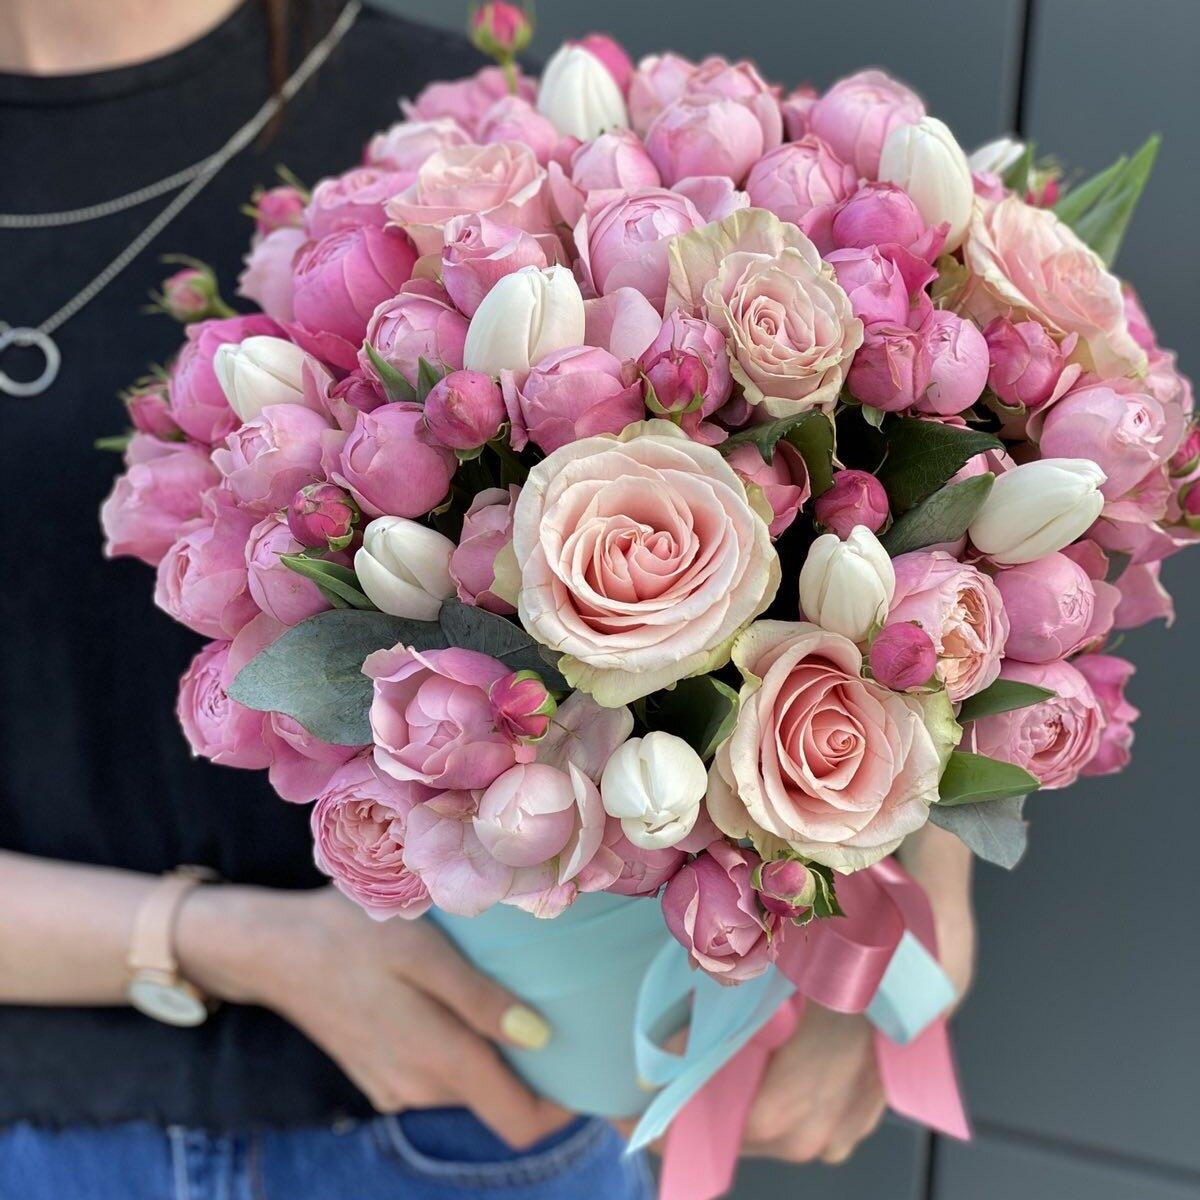 Шляпная коробка с тюльпанами и пионовидными розами Магия Любви